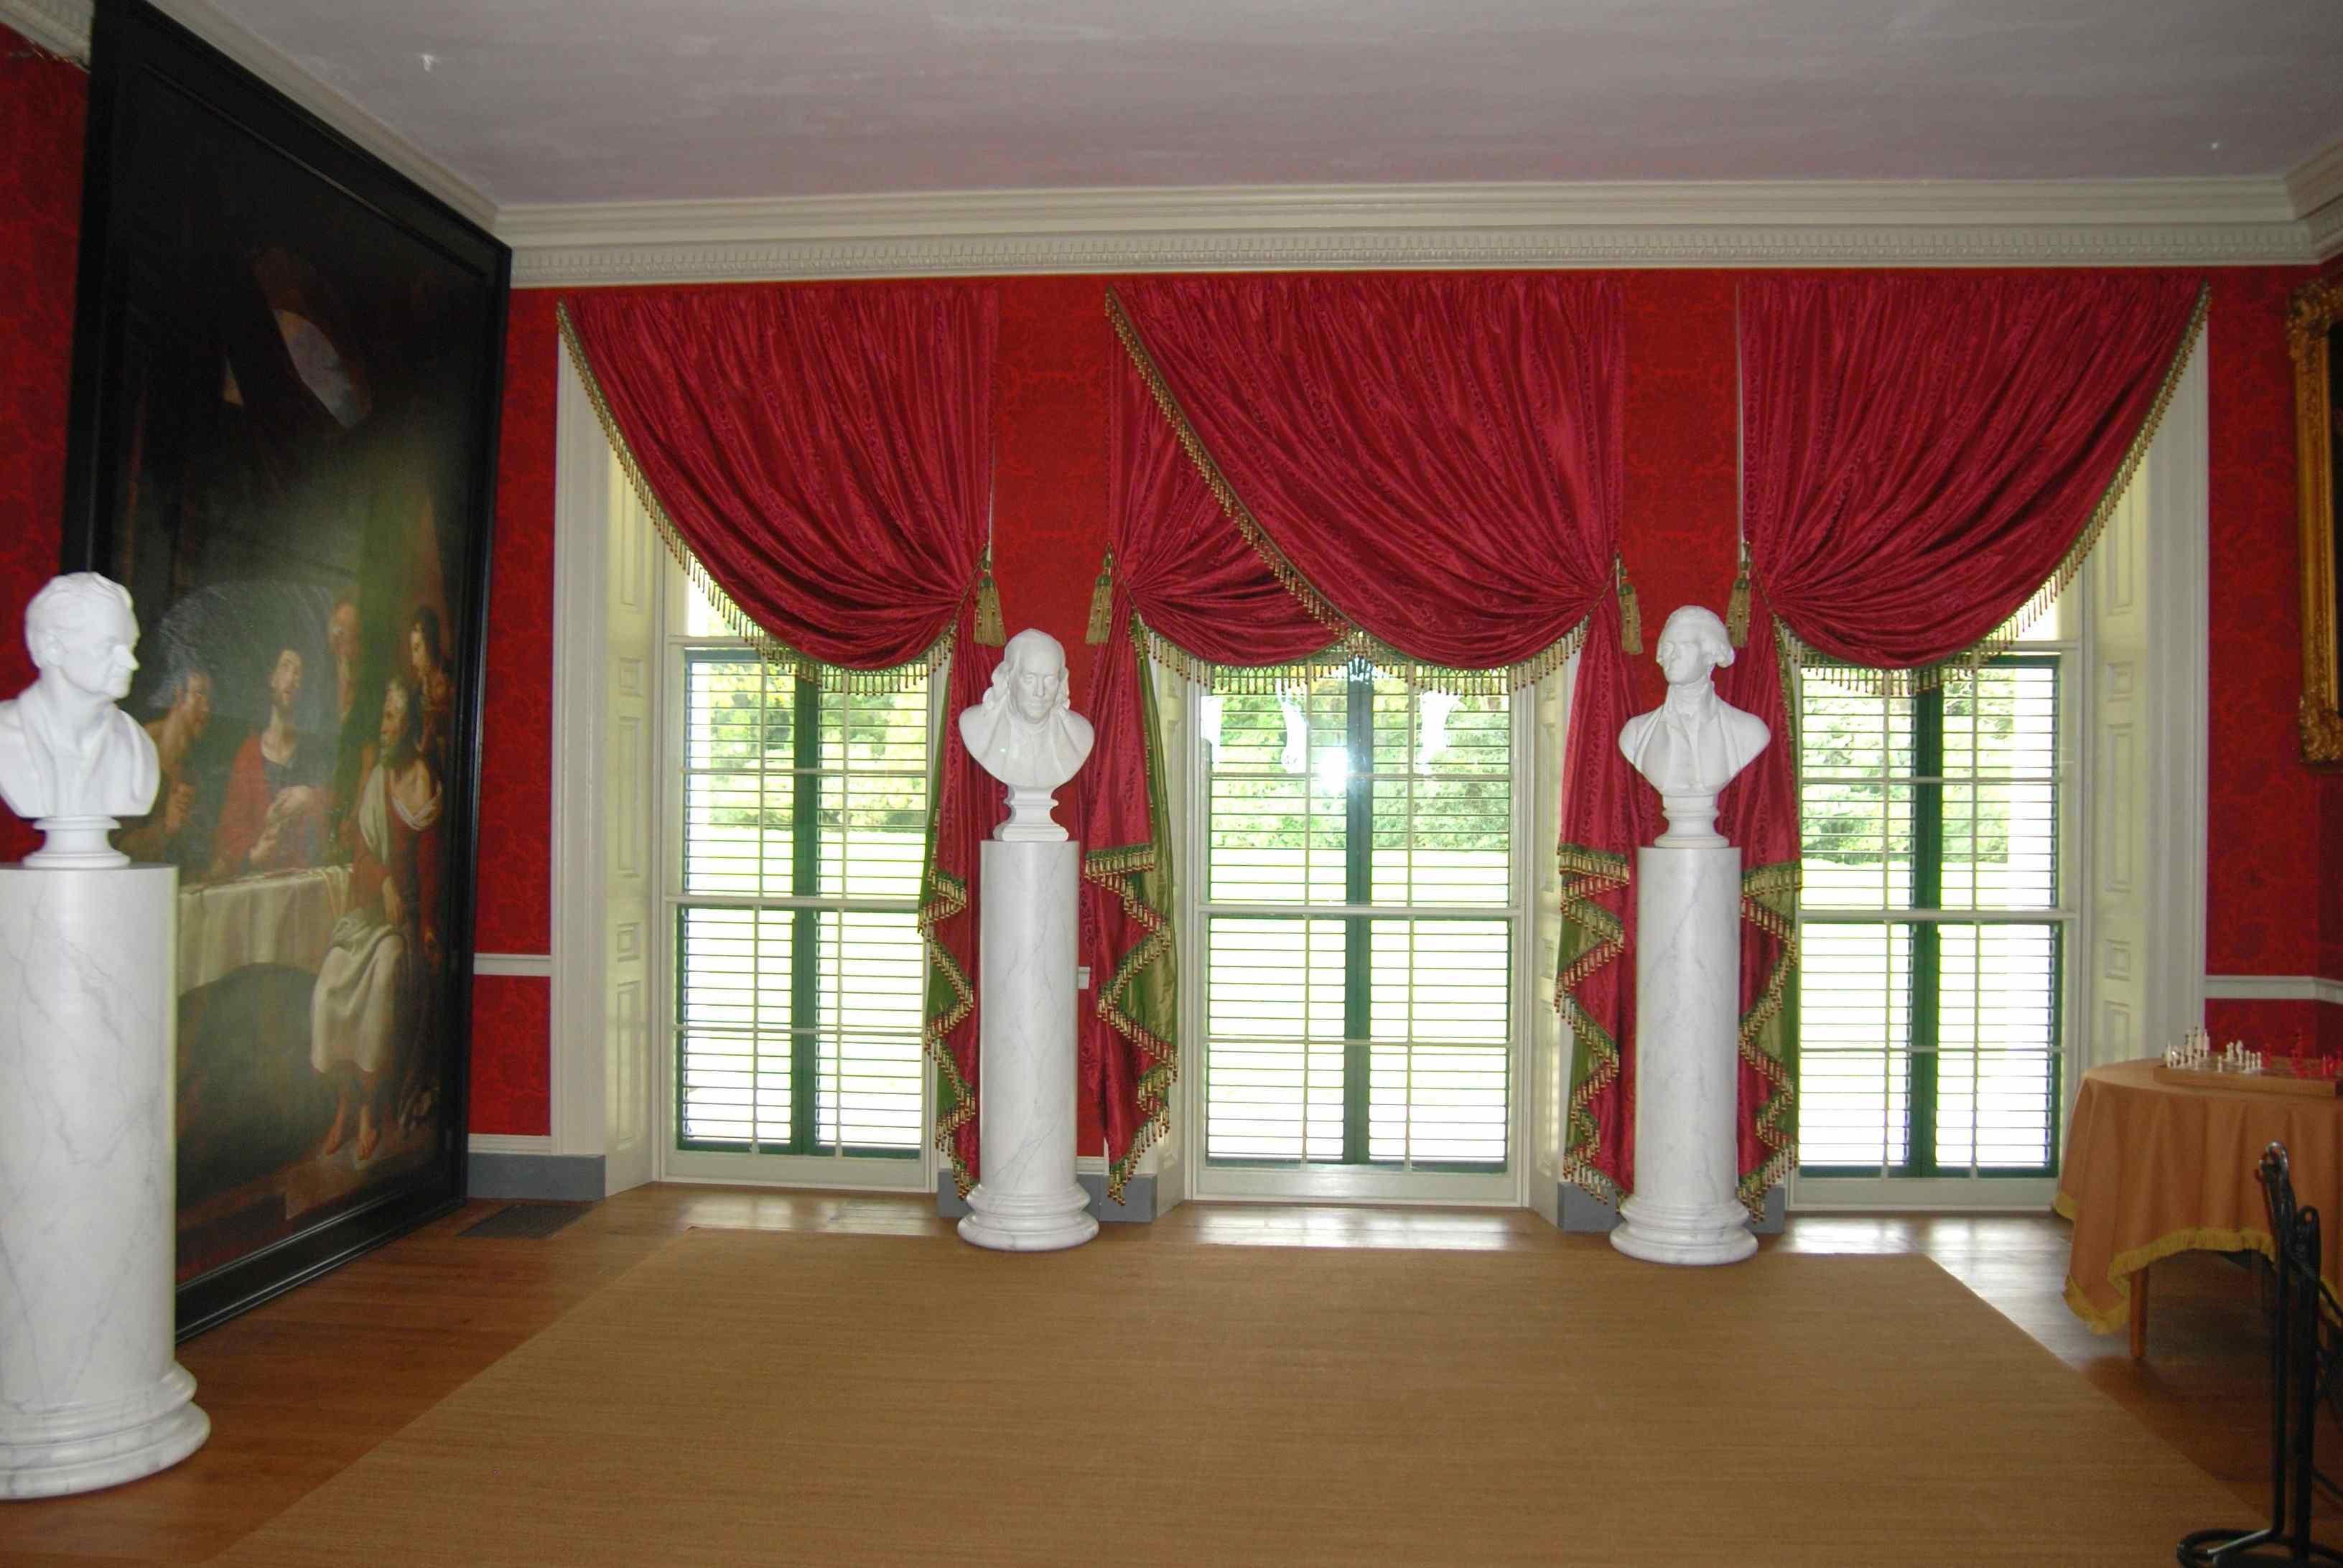 Dark Red Velvet Curtains Within Dark Red Velvet Curtains (Image 9 of 15)